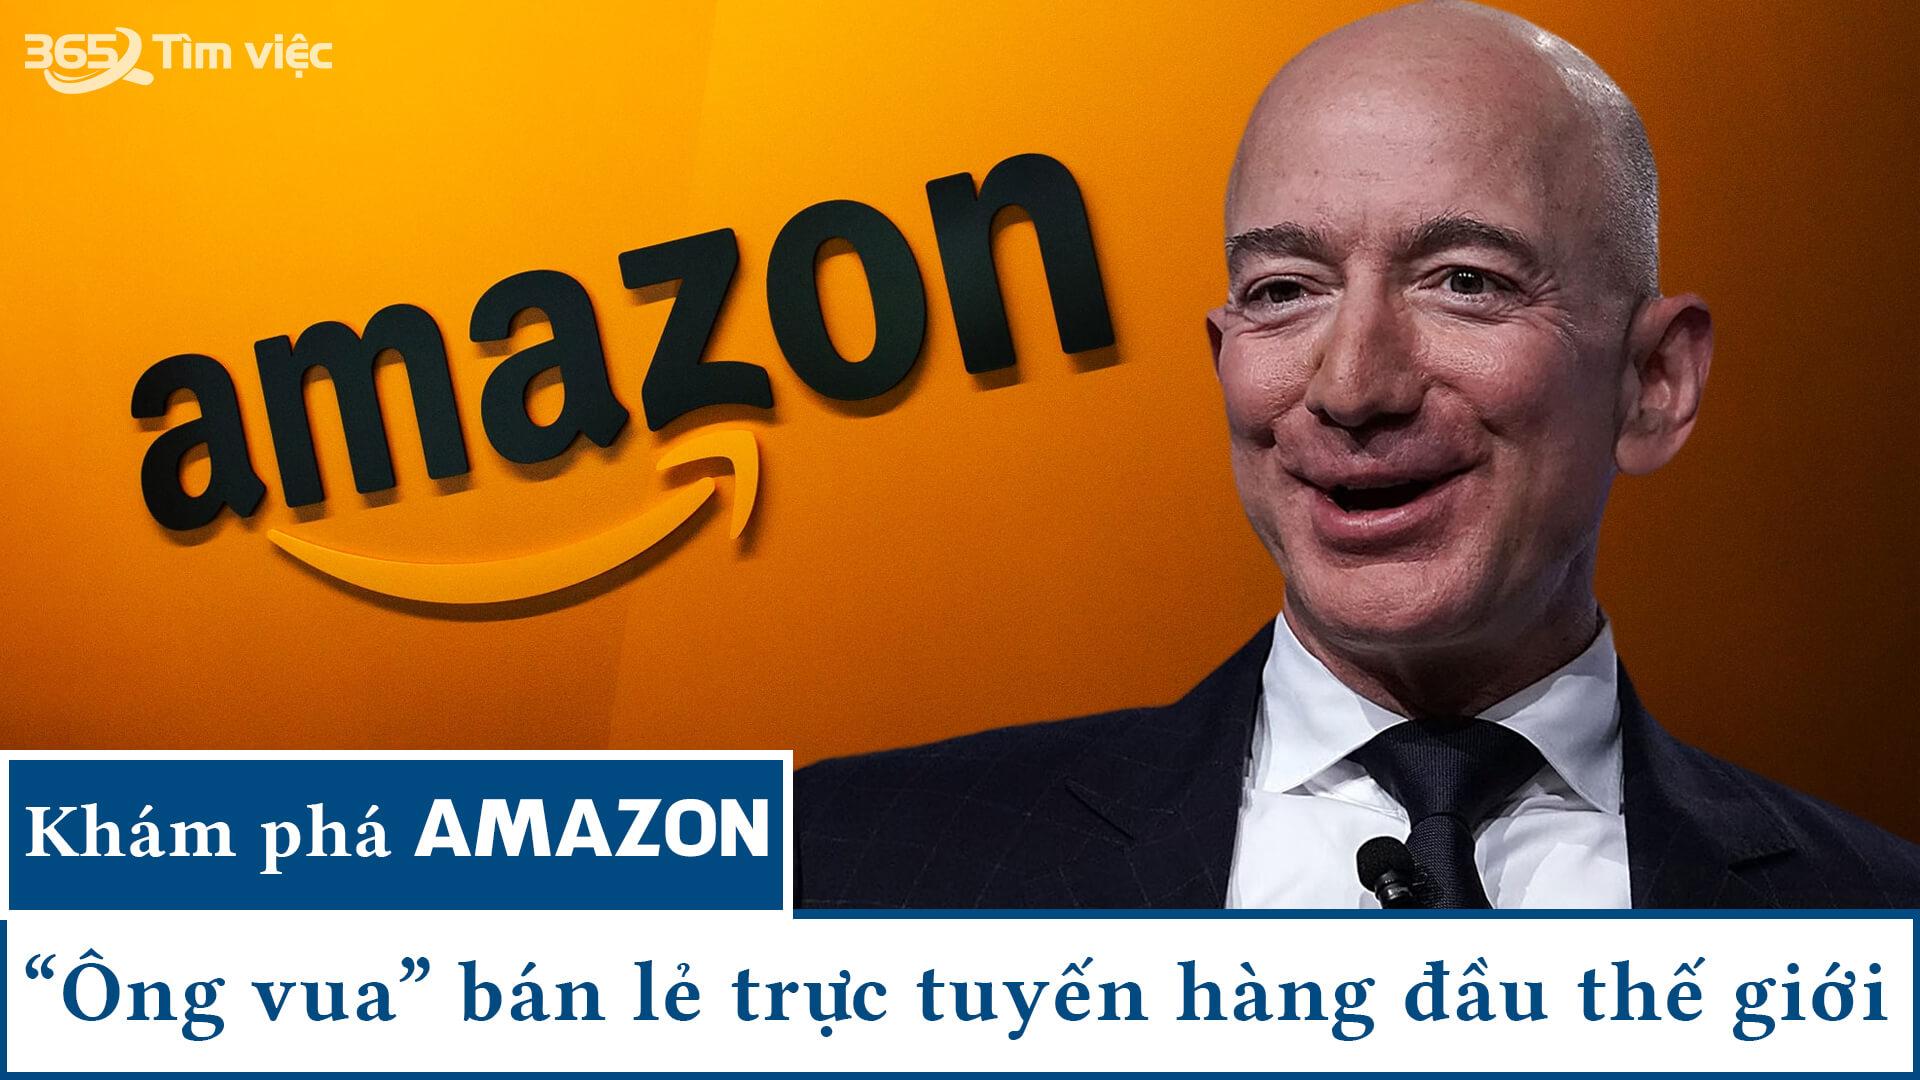 Hiện nay, Amazon đã triển khai ship hàng tới 75 quốc gia nhưng đáng tiếc Việt Nam không nằm trong số đó